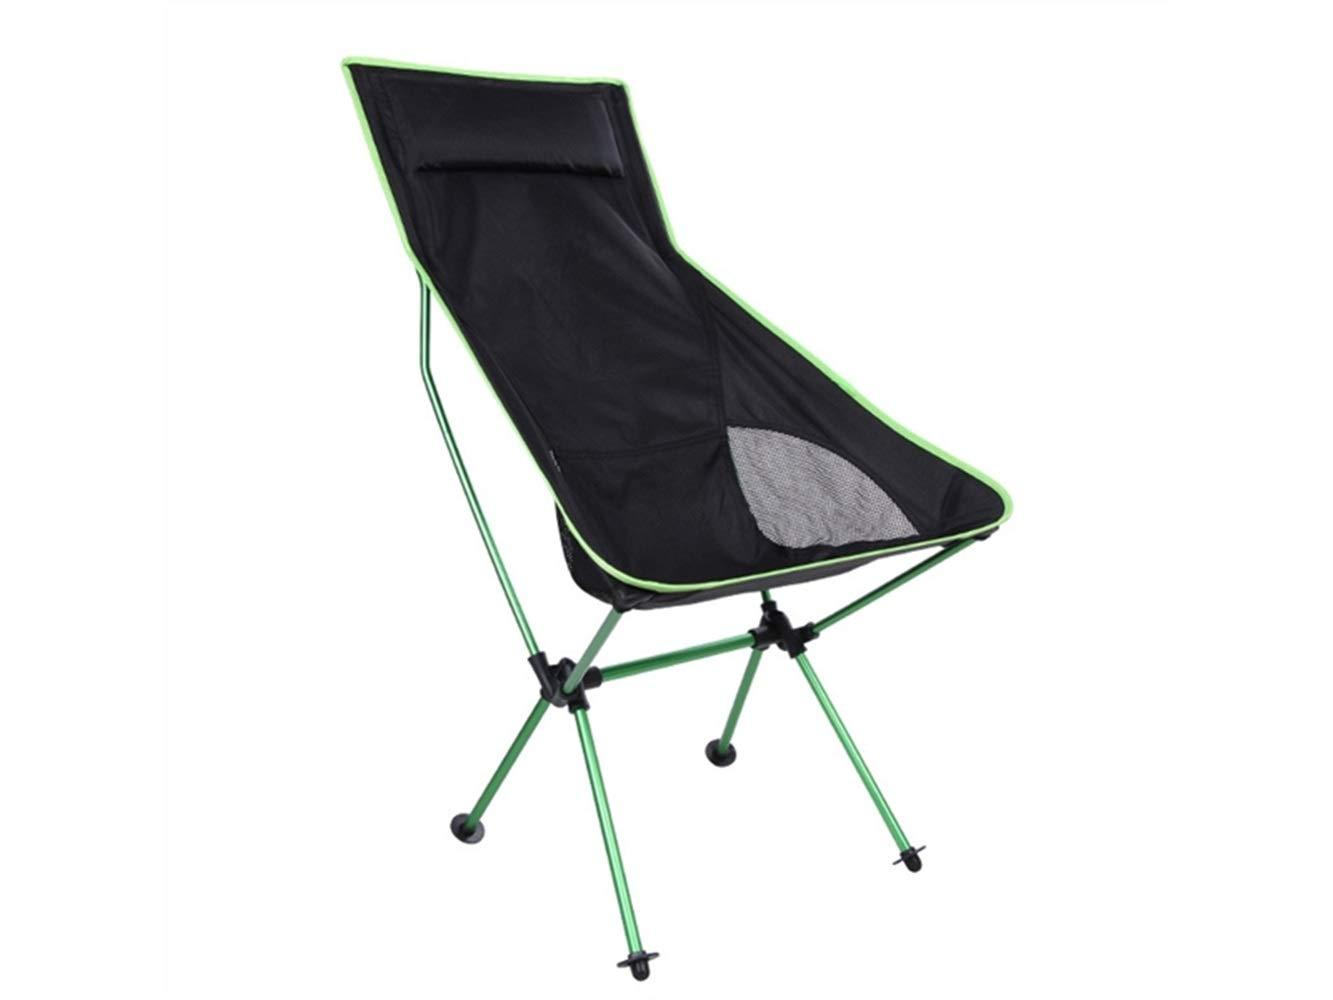 LMKIJN Bequemer Stuhl Outdoor-Klapp Angeln Stuhl Liege Camping Stuhl Strand Liege für Camping und Angeln (grün) für den Urlaub